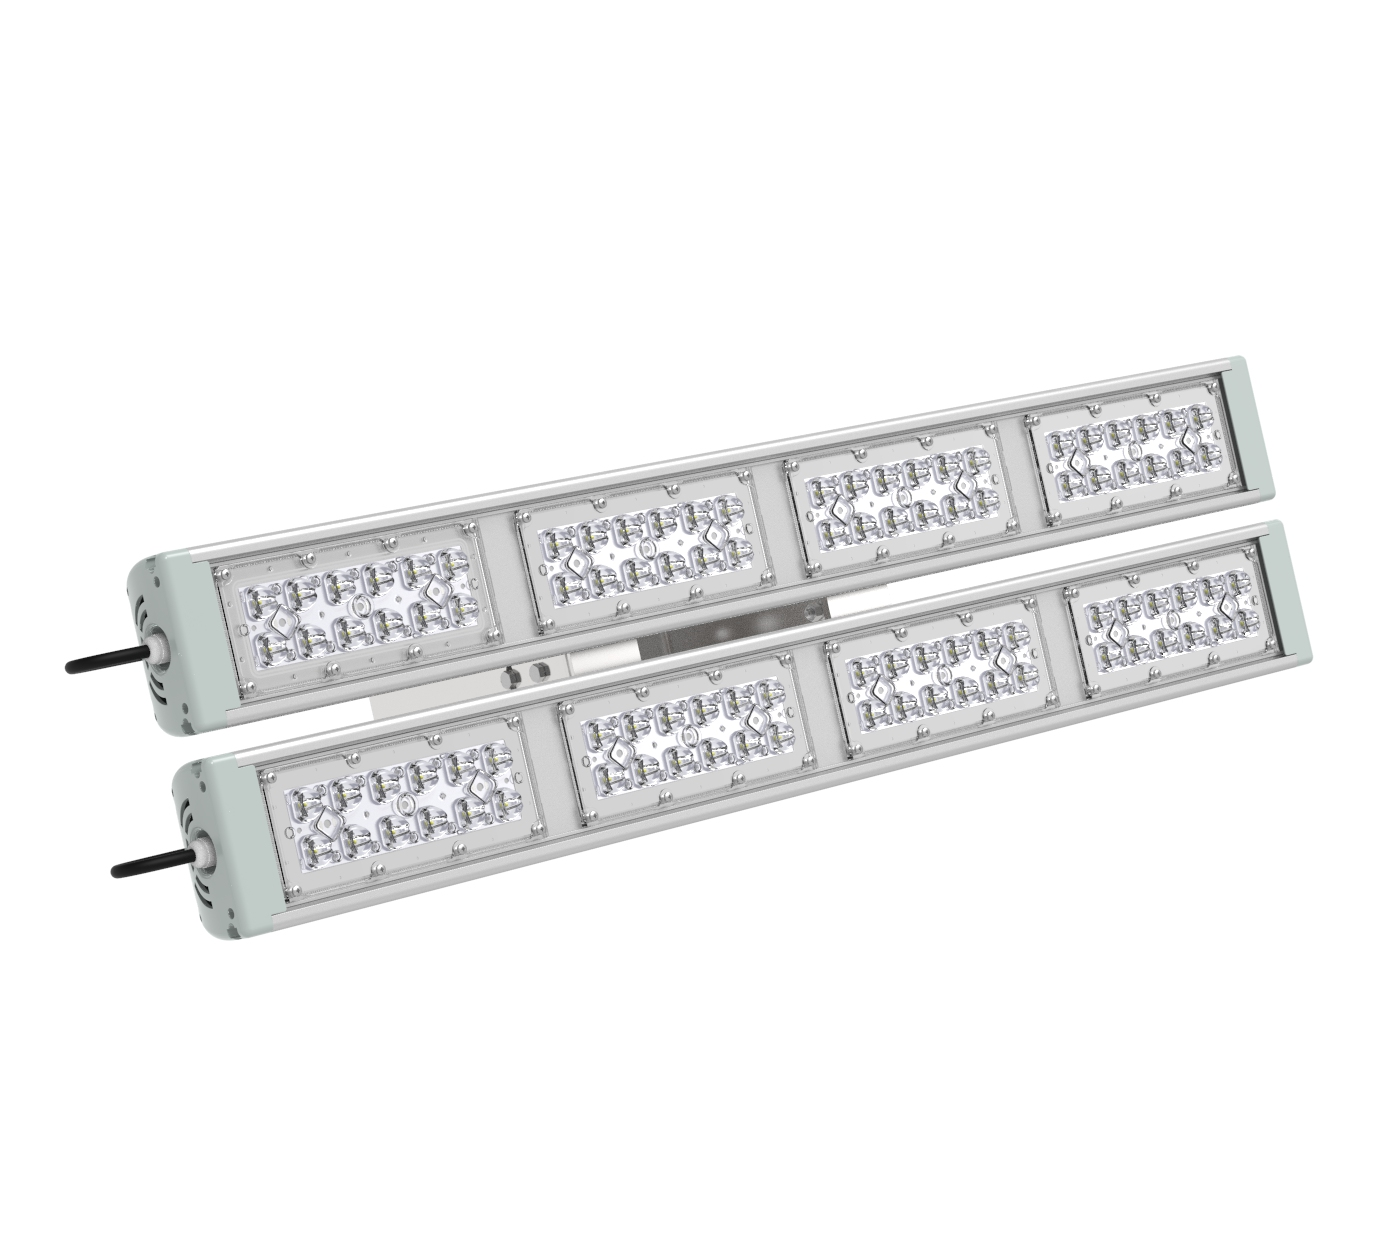 Промышленный светильник Модуль PRO SVT-STR-MPRO-102Вт-65-DUO